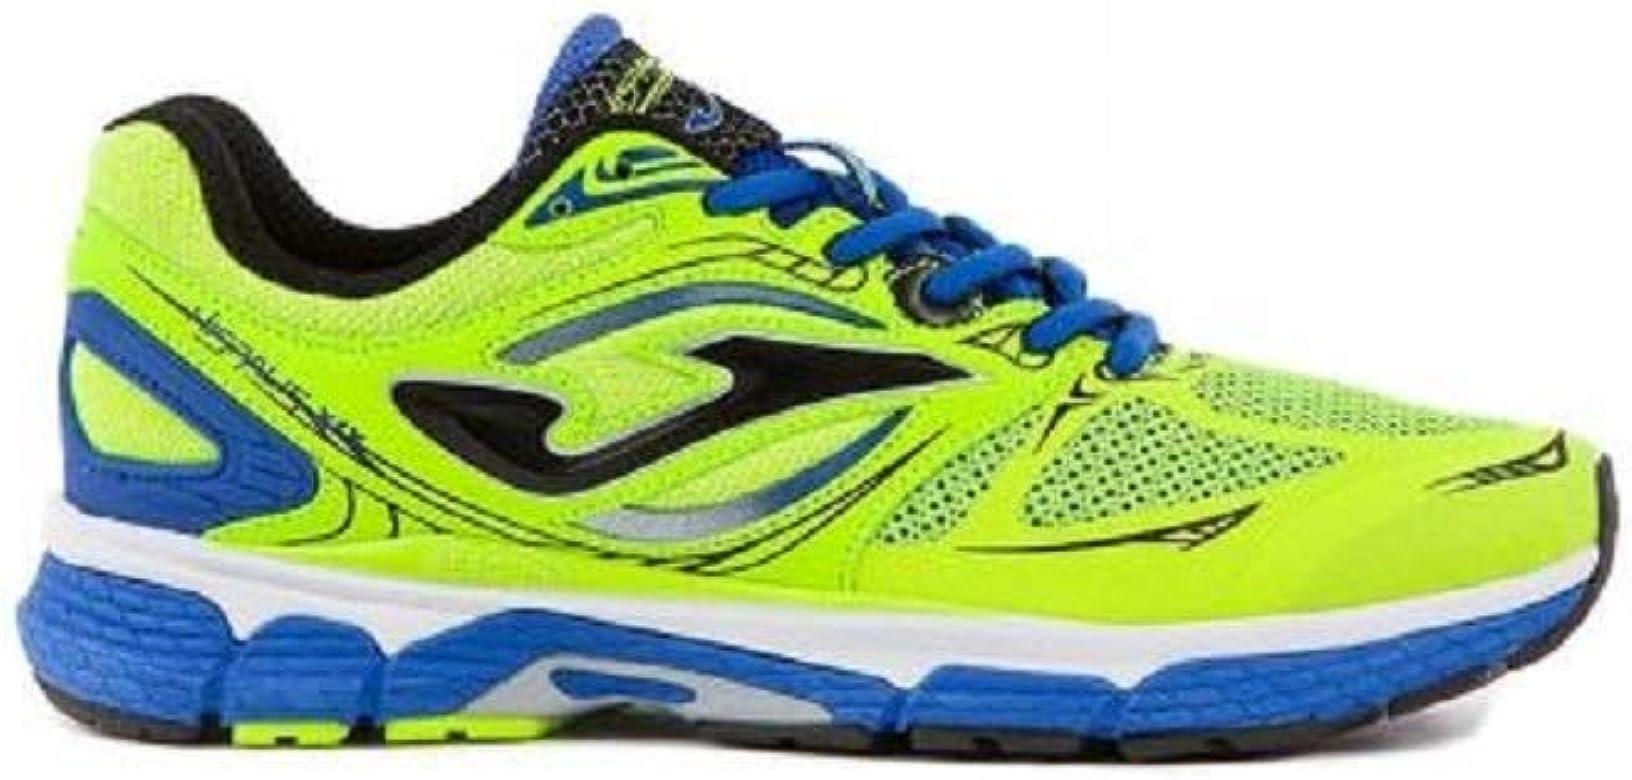 Joma - Zapatillas de running para hombre Hispalis 711 Amarillo Size: 40 EU: Amazon.es: Zapatos y complementos